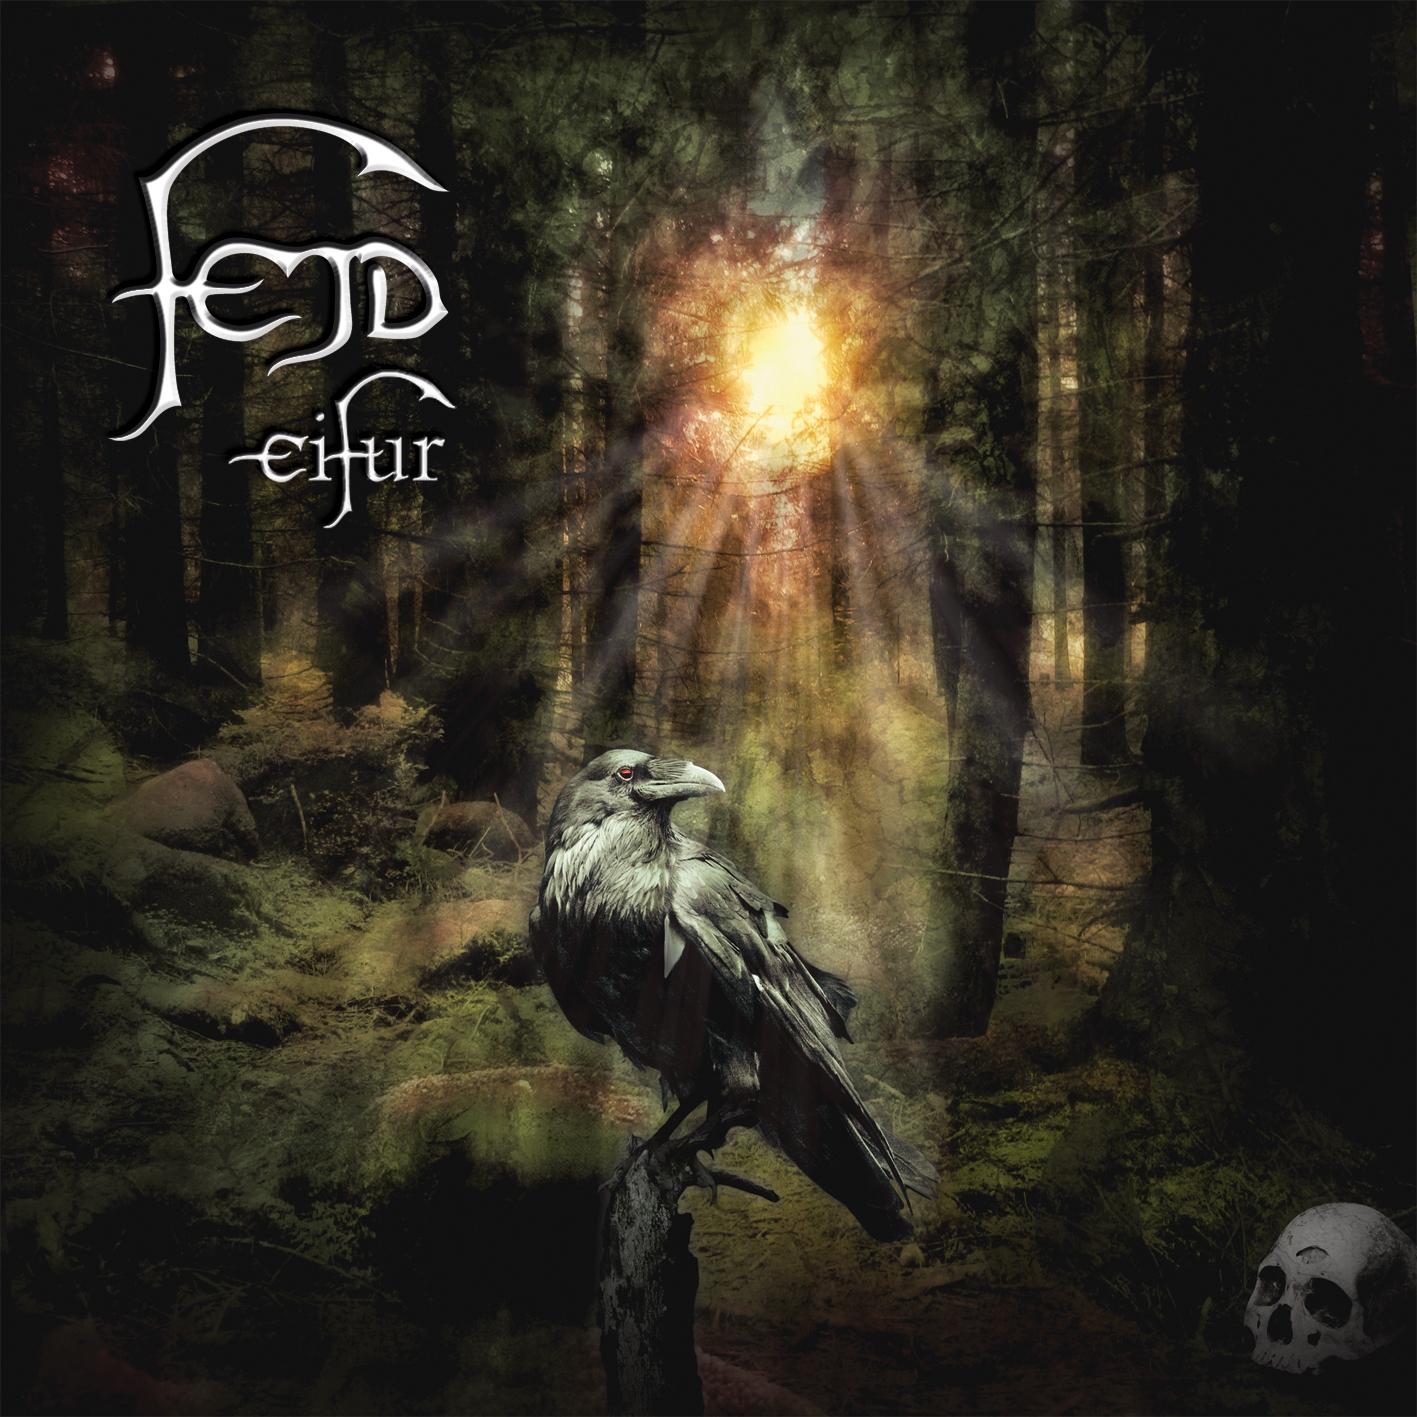 Fejd – Eifur Review